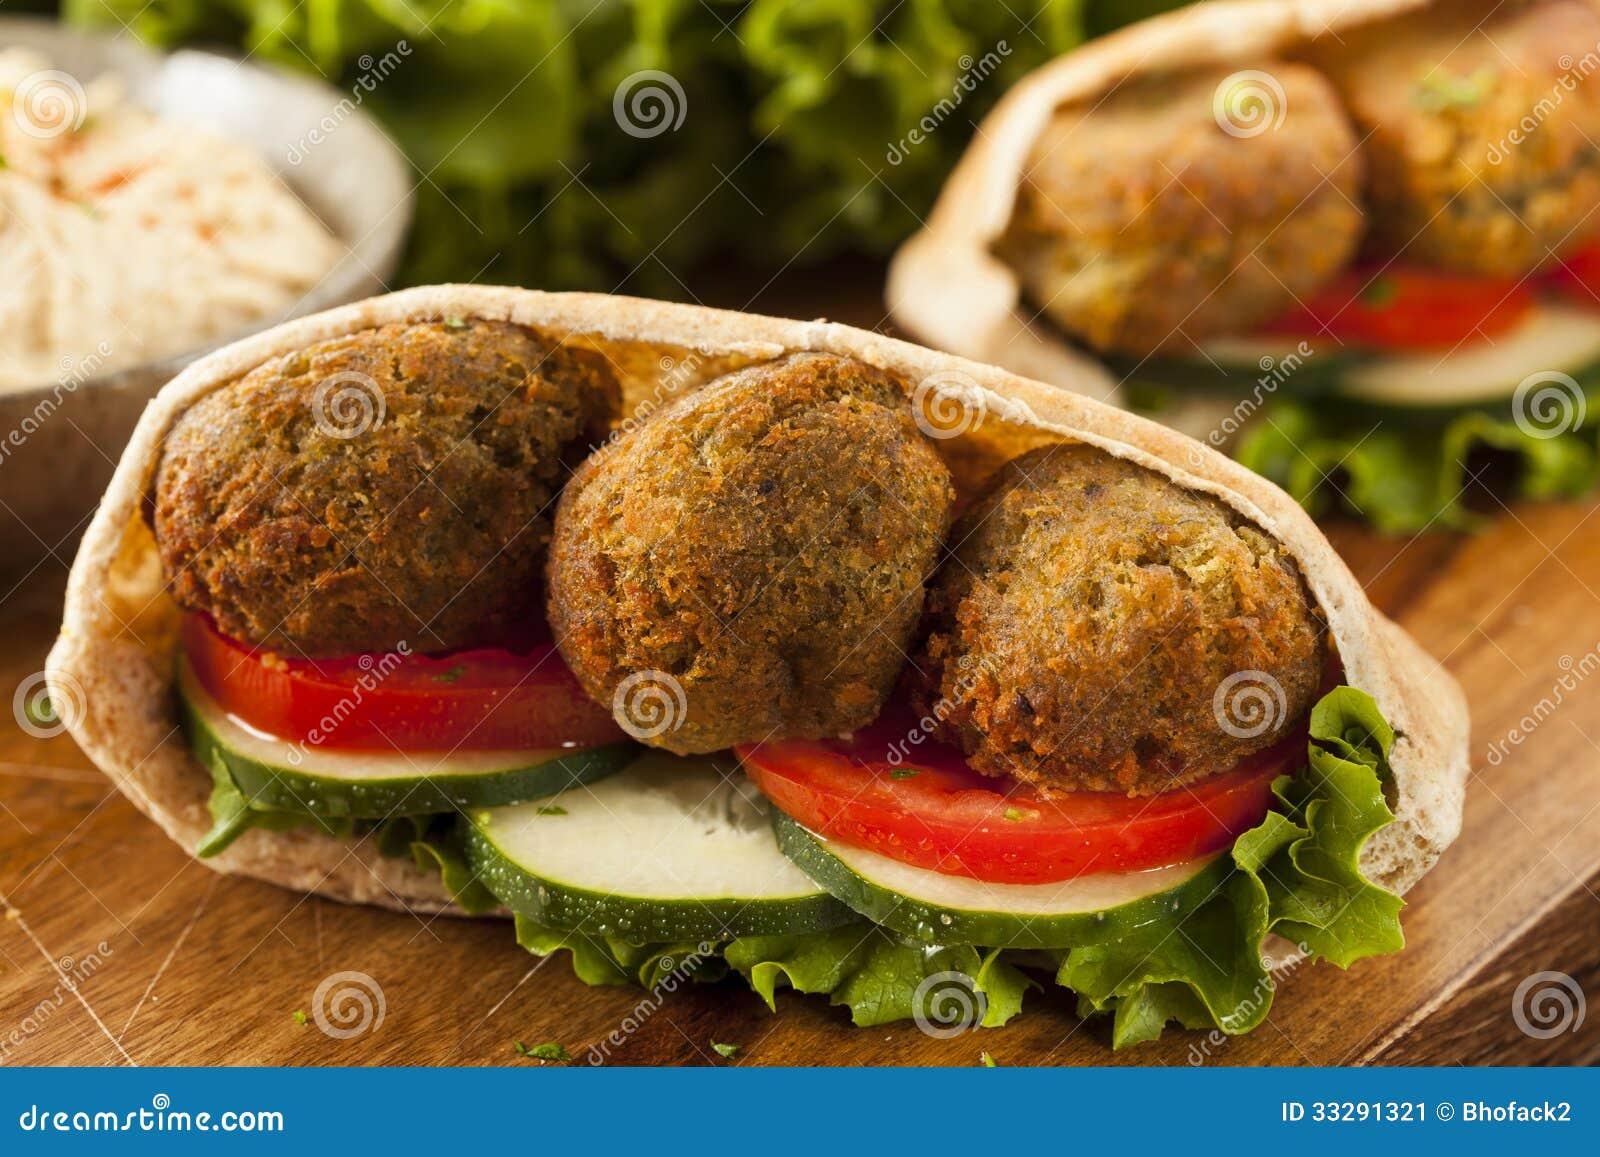 organic-falafel-pita-pocket-tomato-cucumber-33291321.jpg